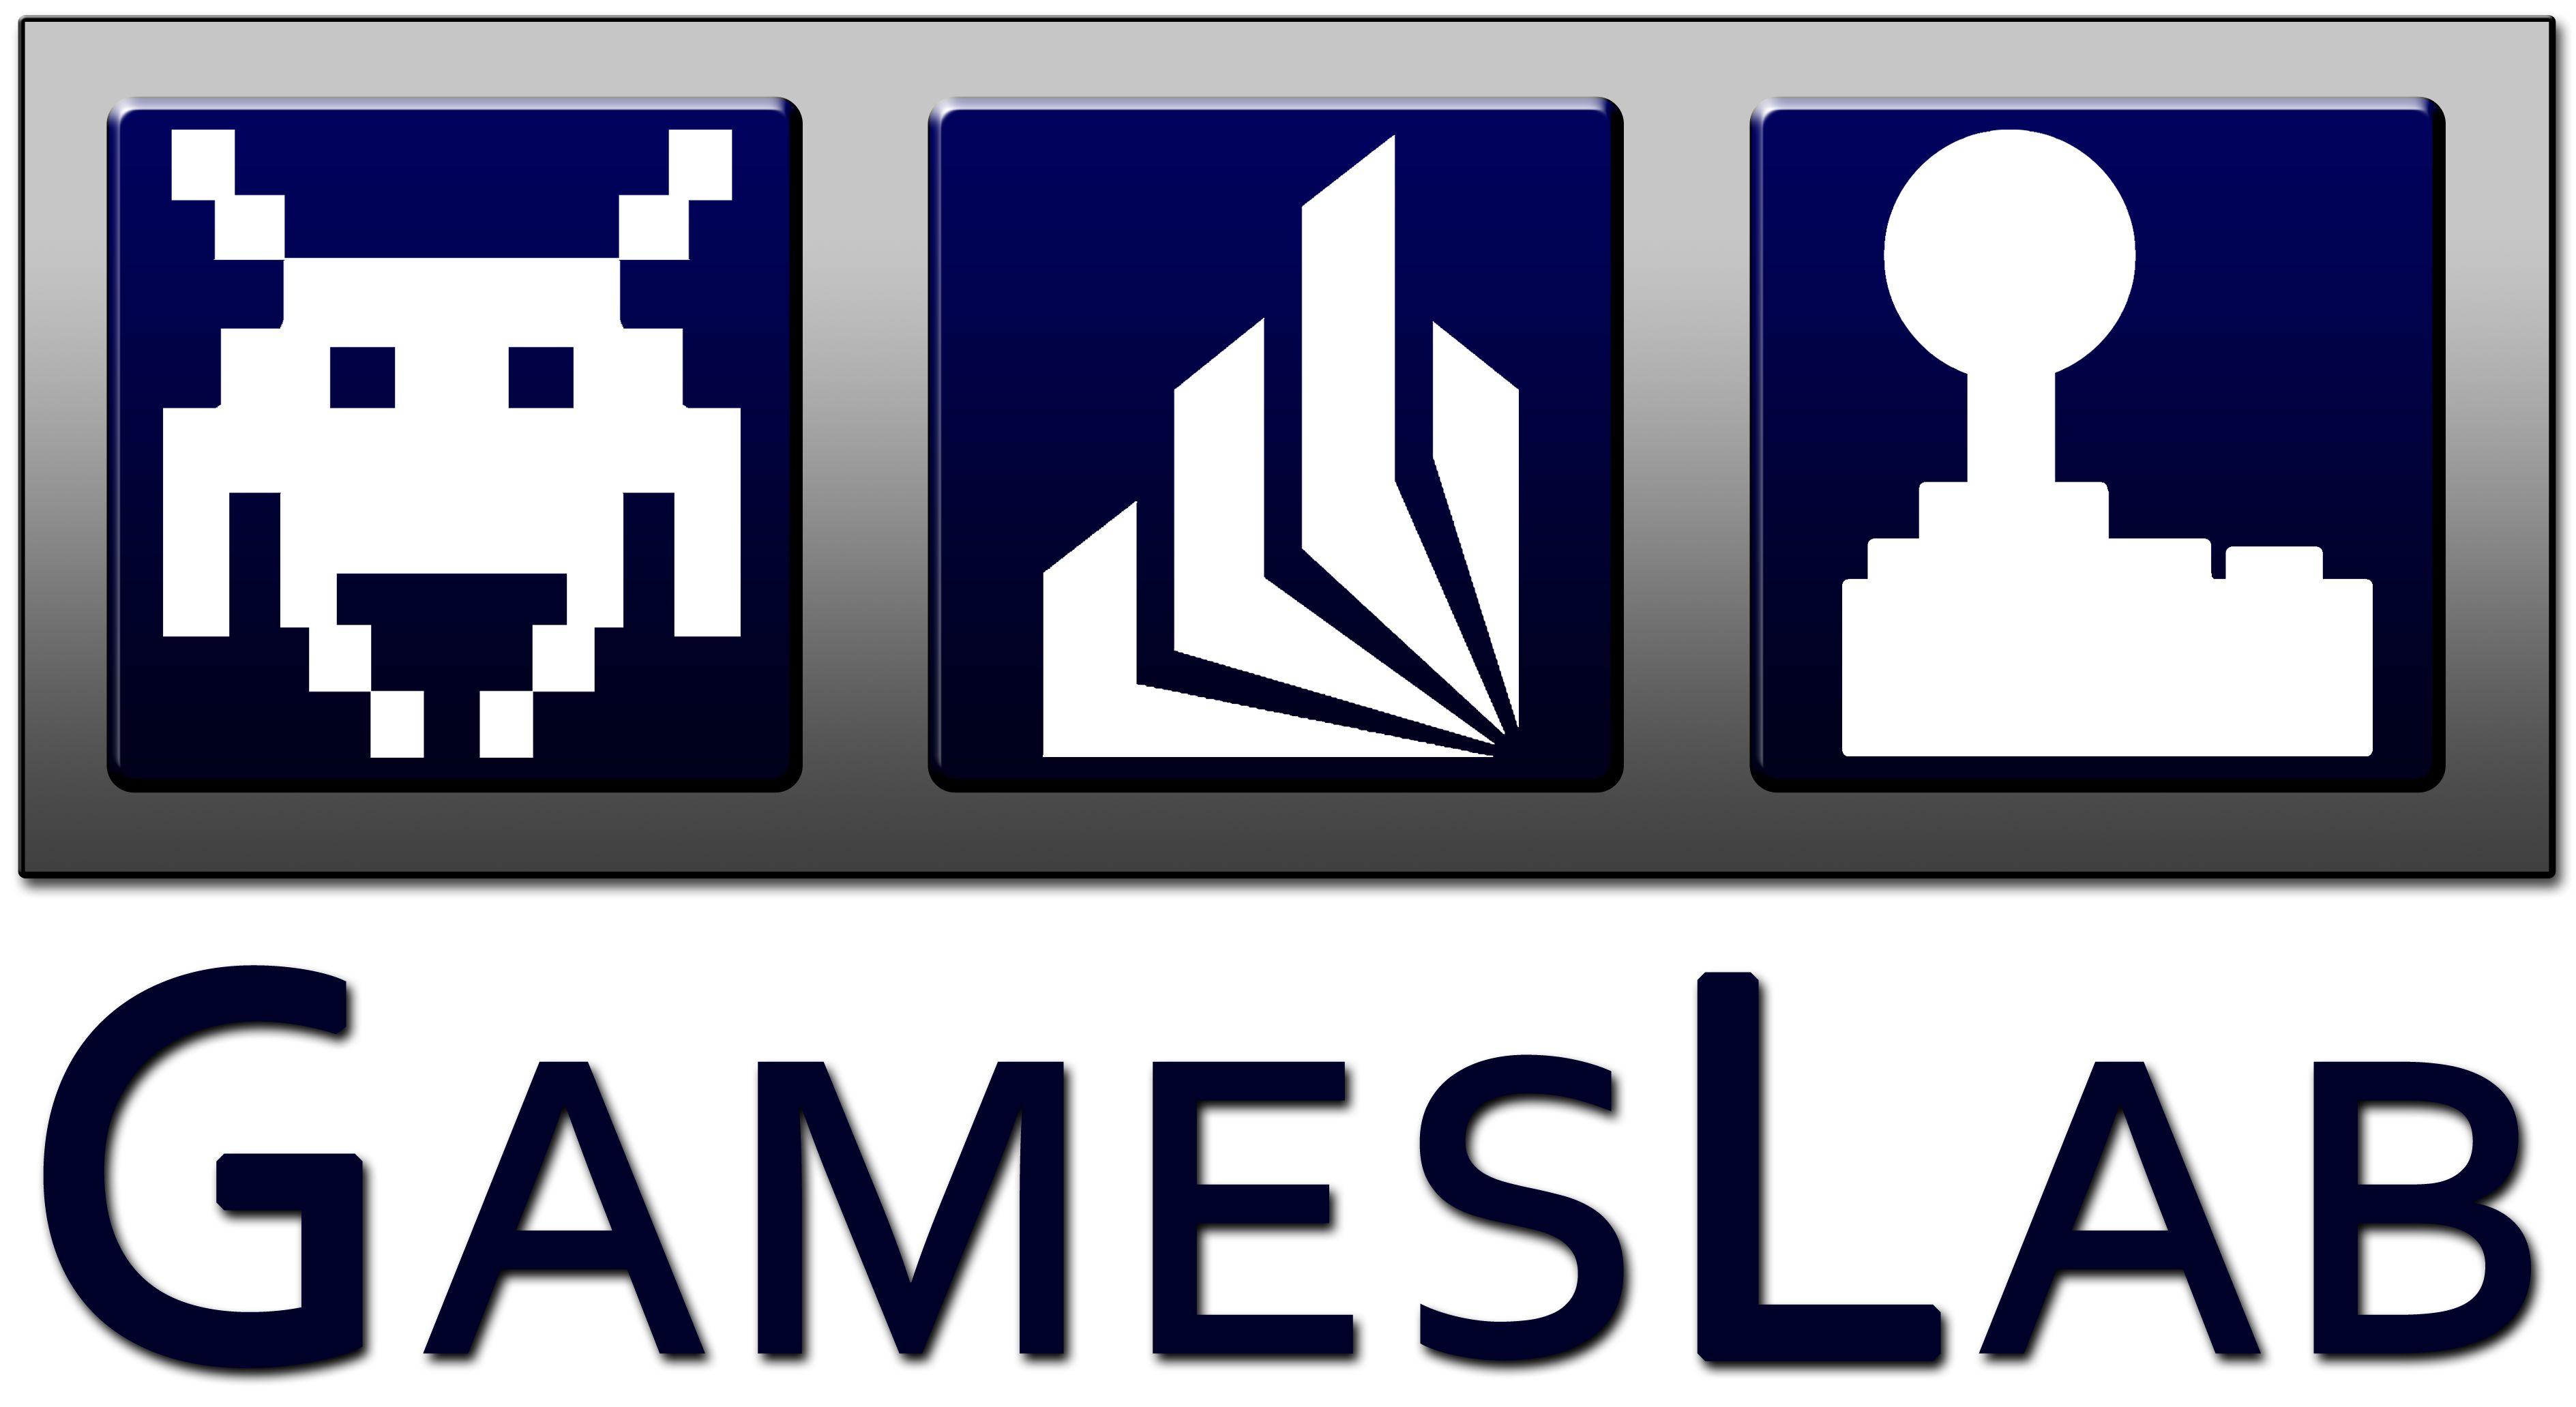 GamesLab-Universitaet-Paderborn-Logo